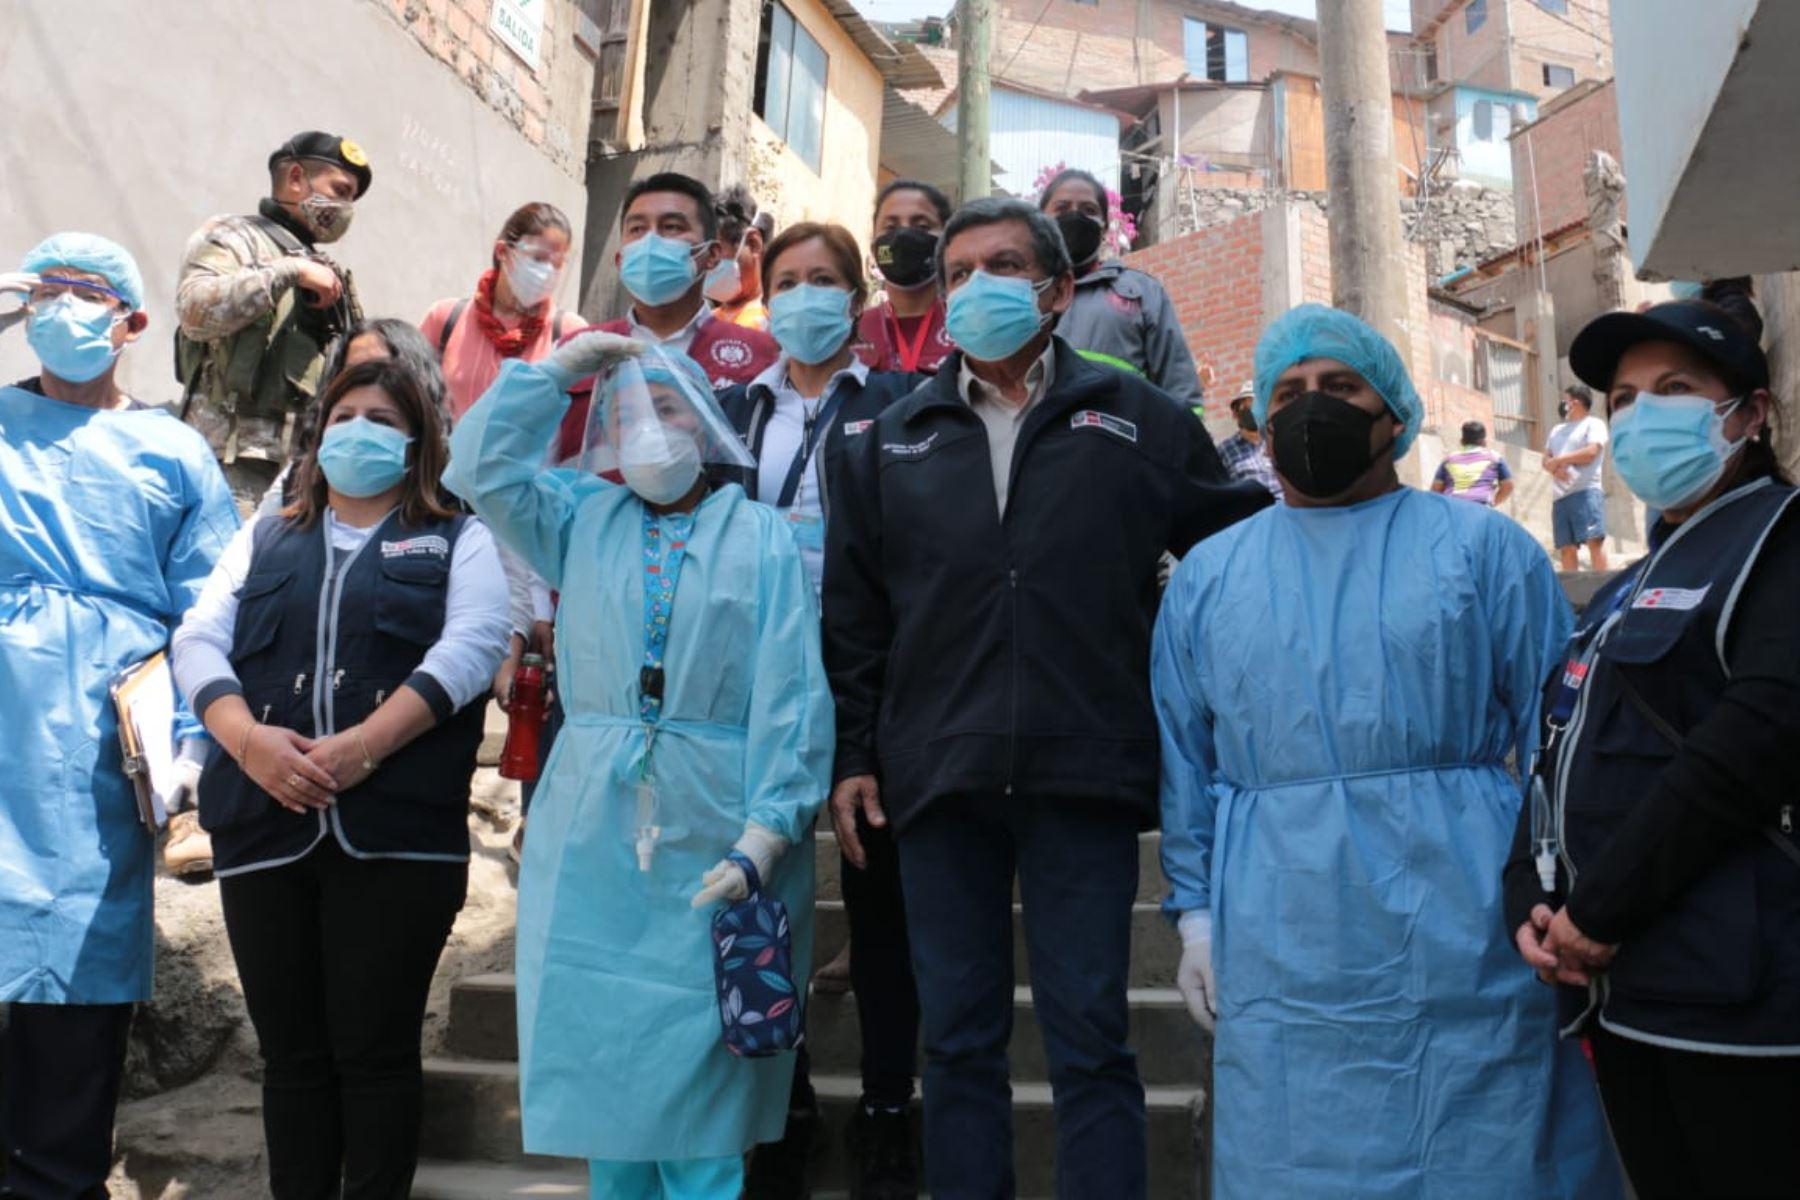 El ministro de Salud, Hernando Cevallos, supervisó el despliegue del cerco epidemiológico y solicitó a la población no bajar la guardia, acompañado del alcalde distrital y de la directora de la Diris. Foto: Minsa